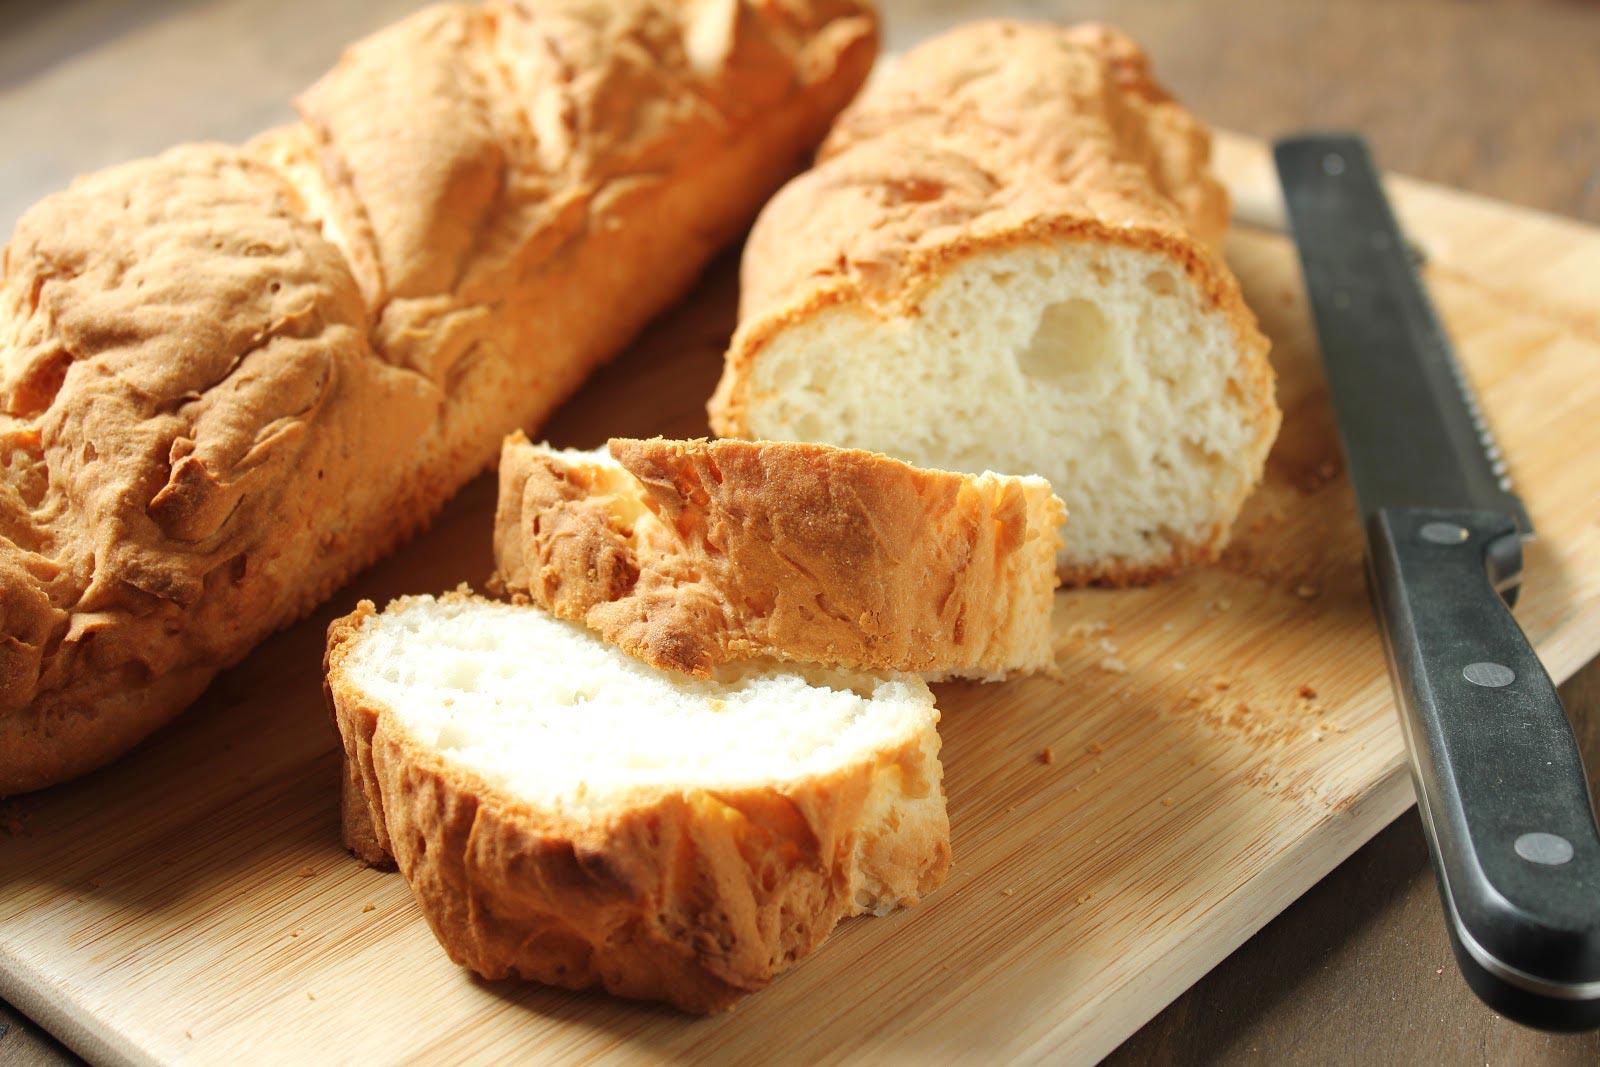 096-gf-french-bread